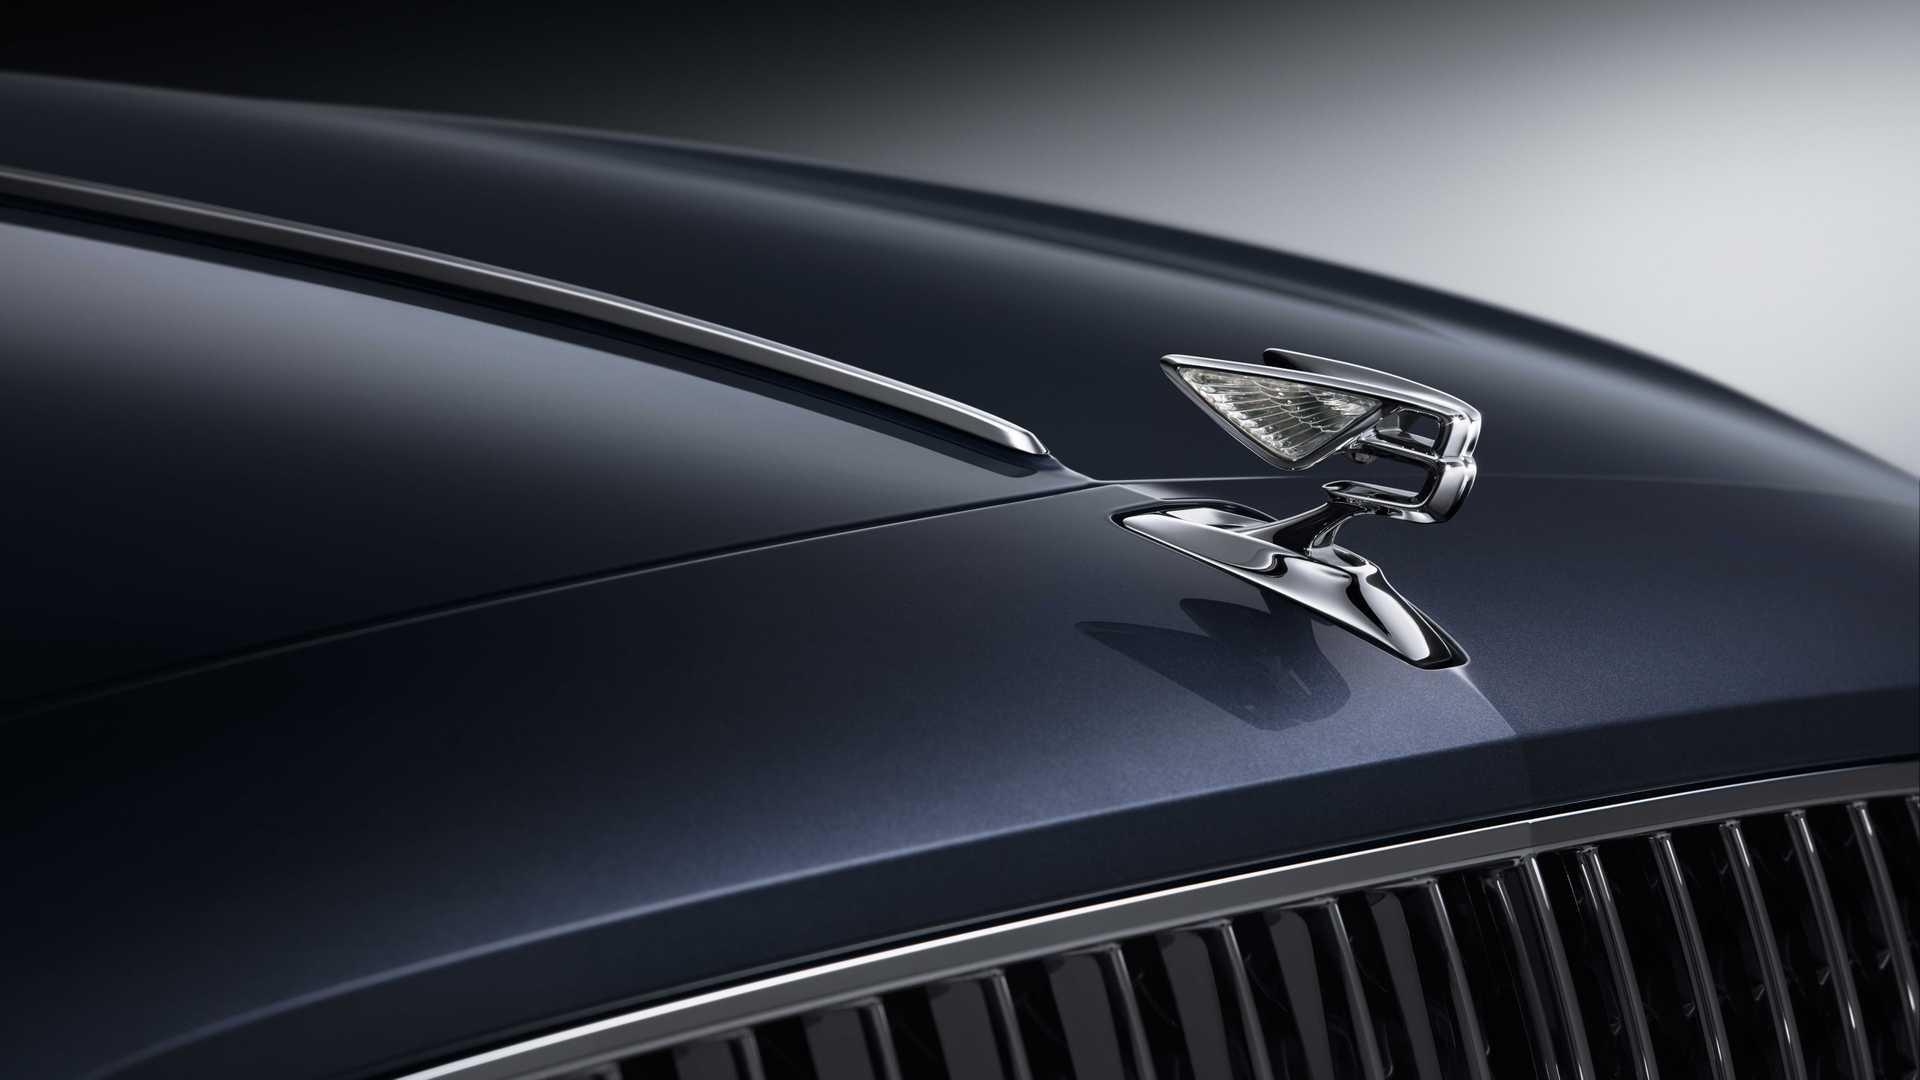 奢华与尊贵的体现!全新一代宾利飞驰正式发布!